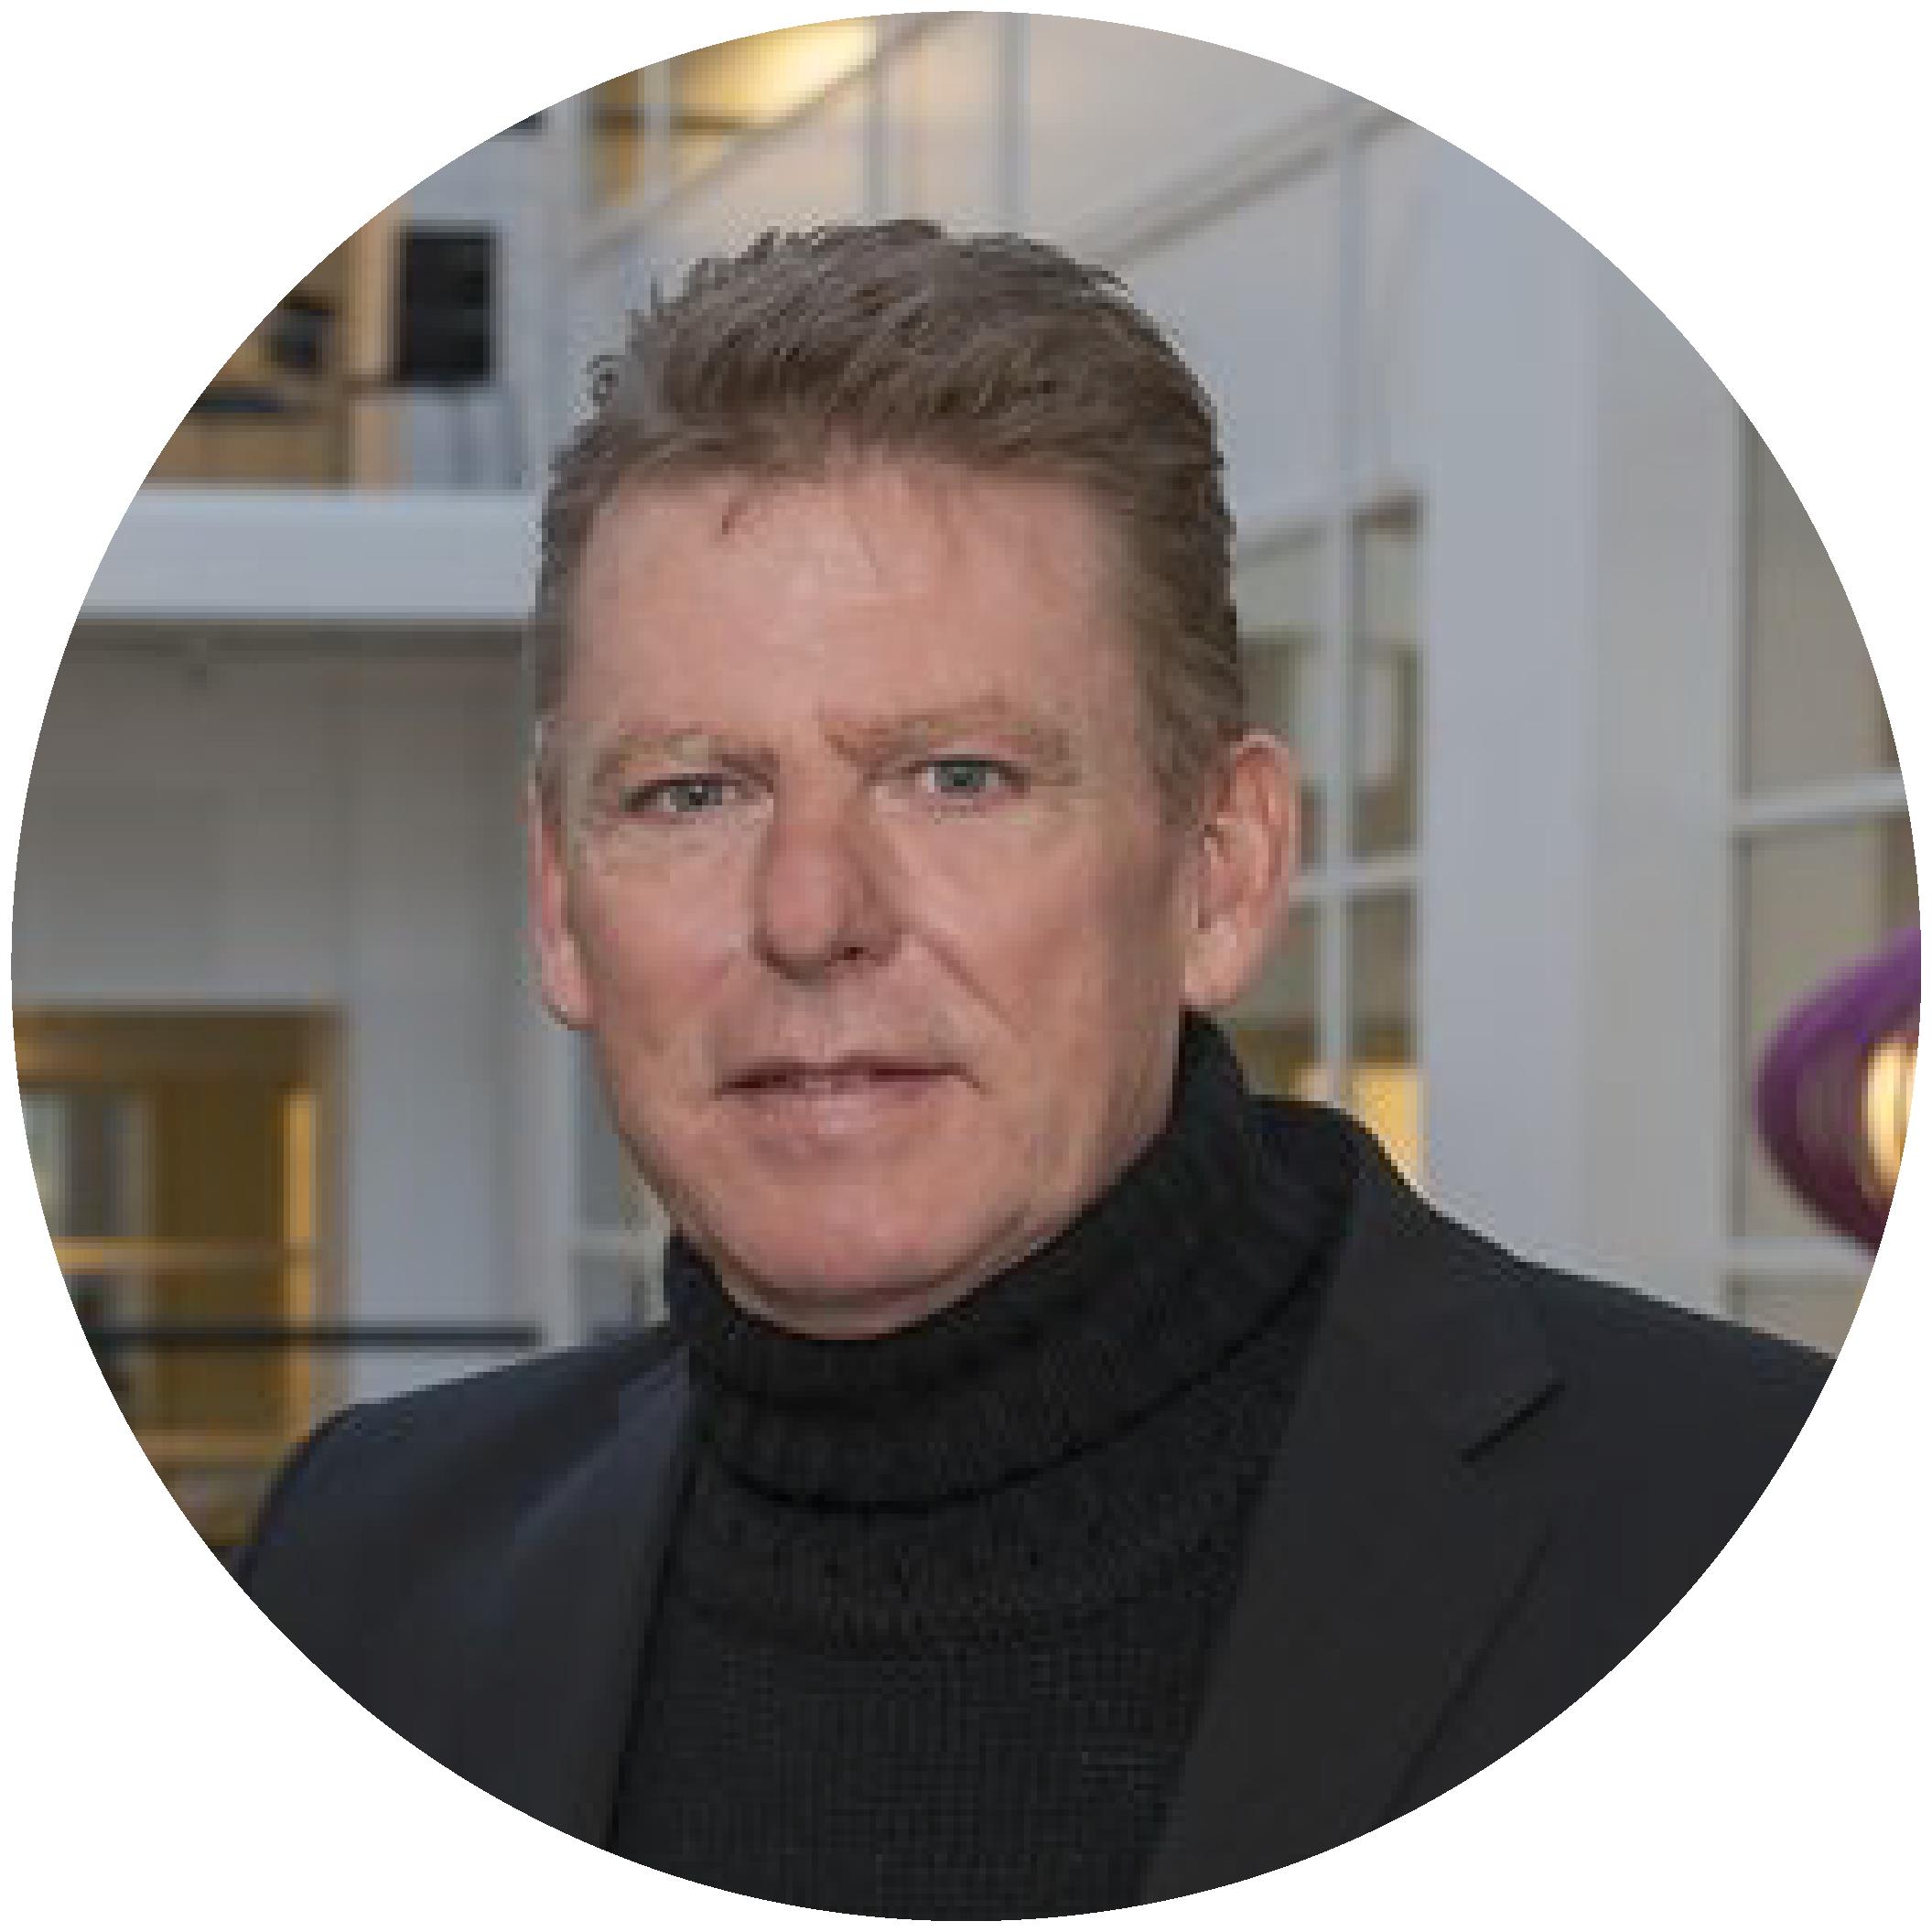 Karsten Bundgaard